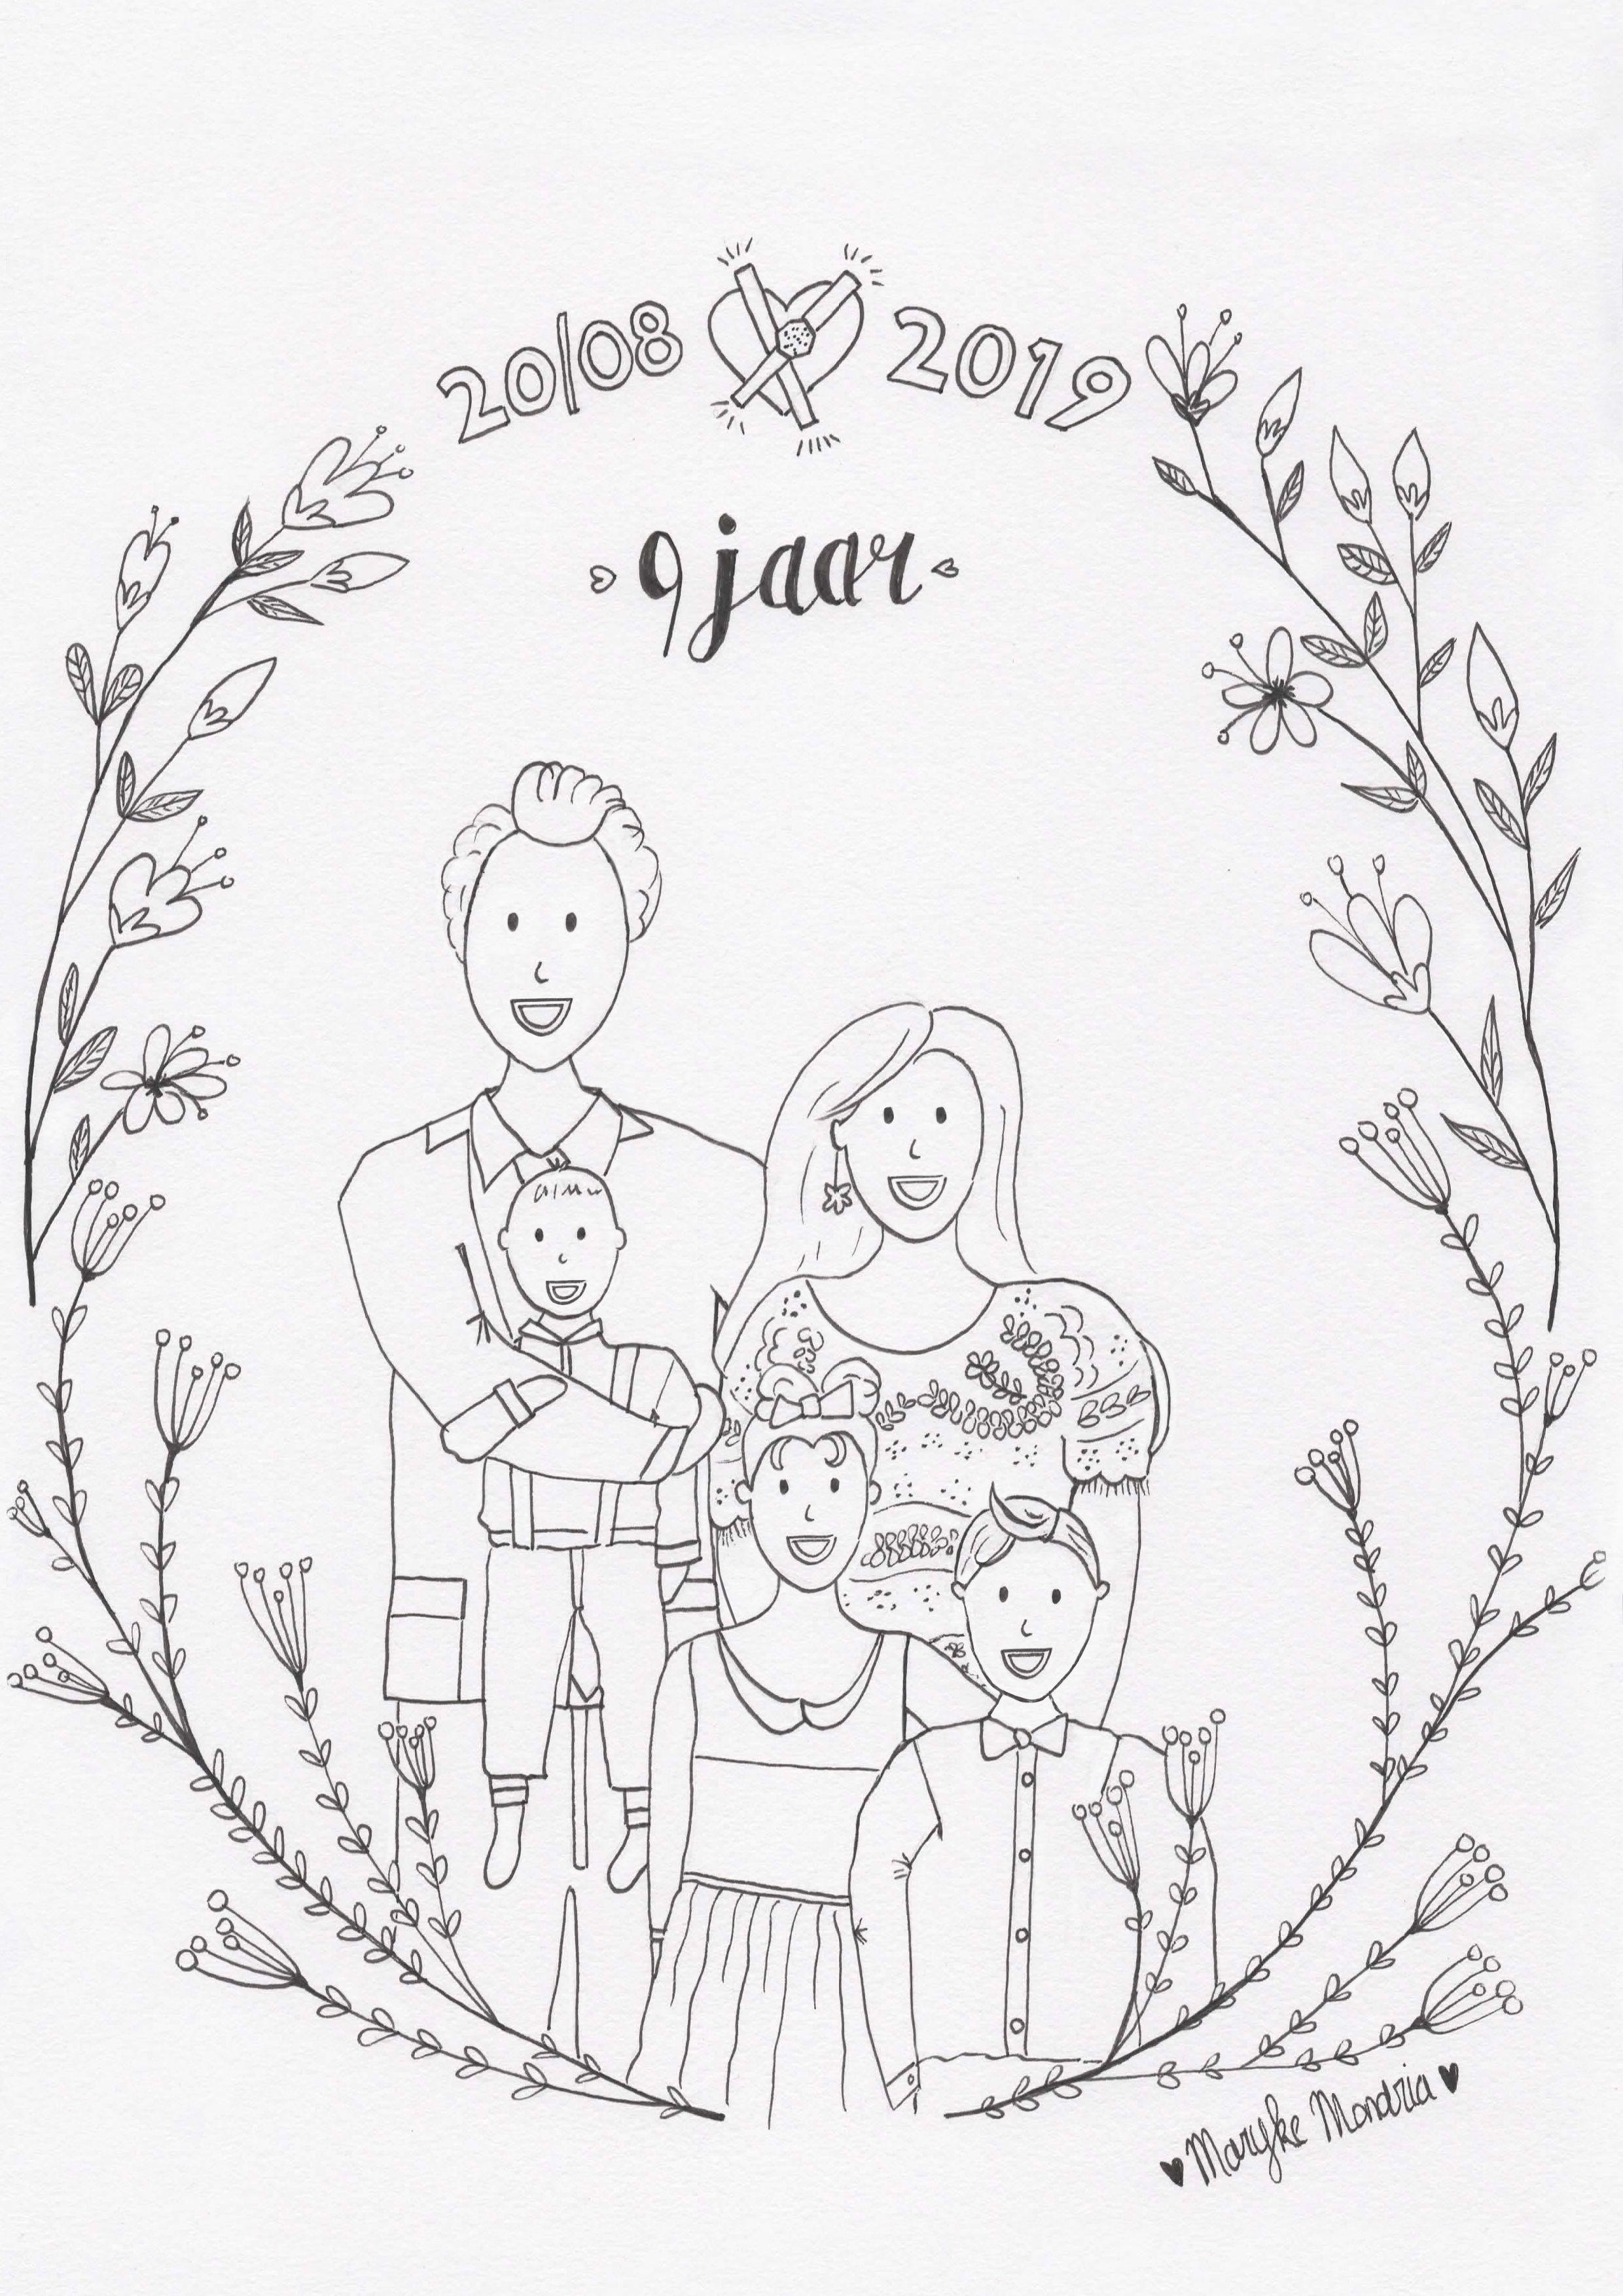 9 Jaar Getrouwd Getekend Familieportret Kleurplaat Familieportret Kleurplaten Digitale Illustraties